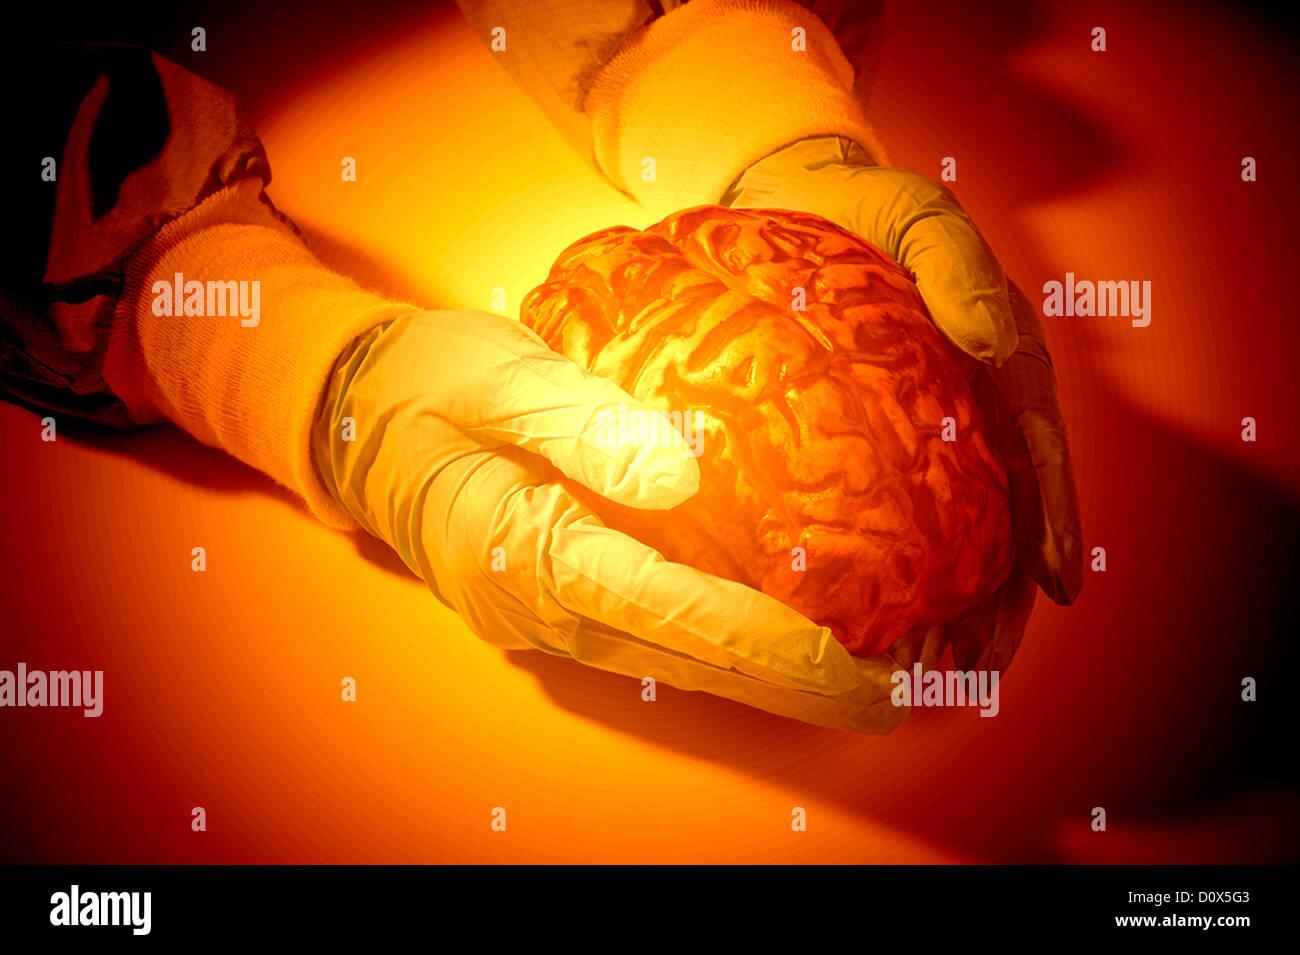 Computer Generated manos enguantadas sujetando el cerebro humano resumen Imagen De Stock